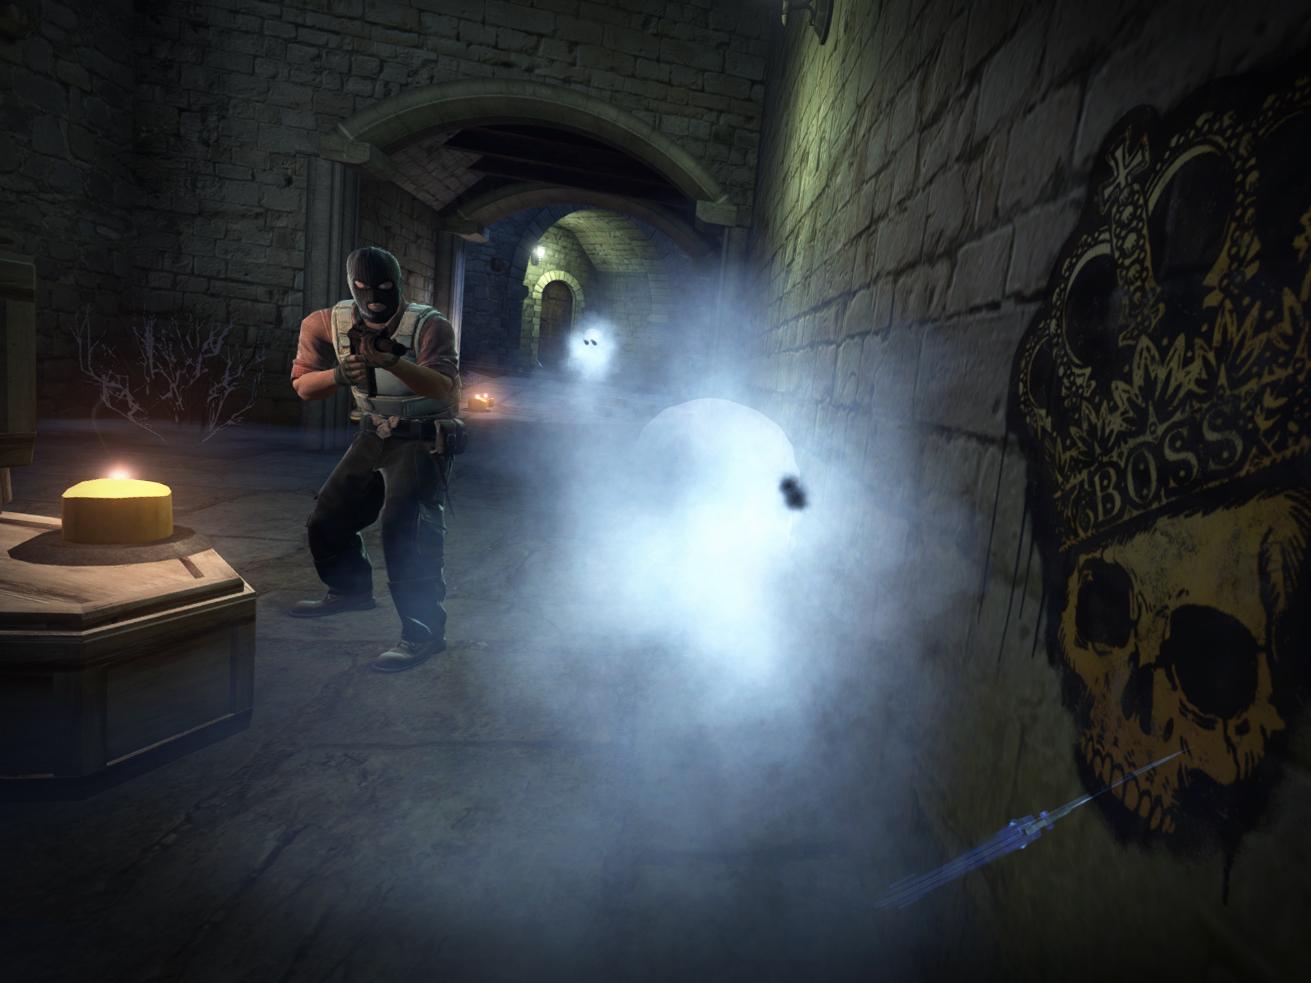 CS:GO update Dec 7, 2018 - GameConnect